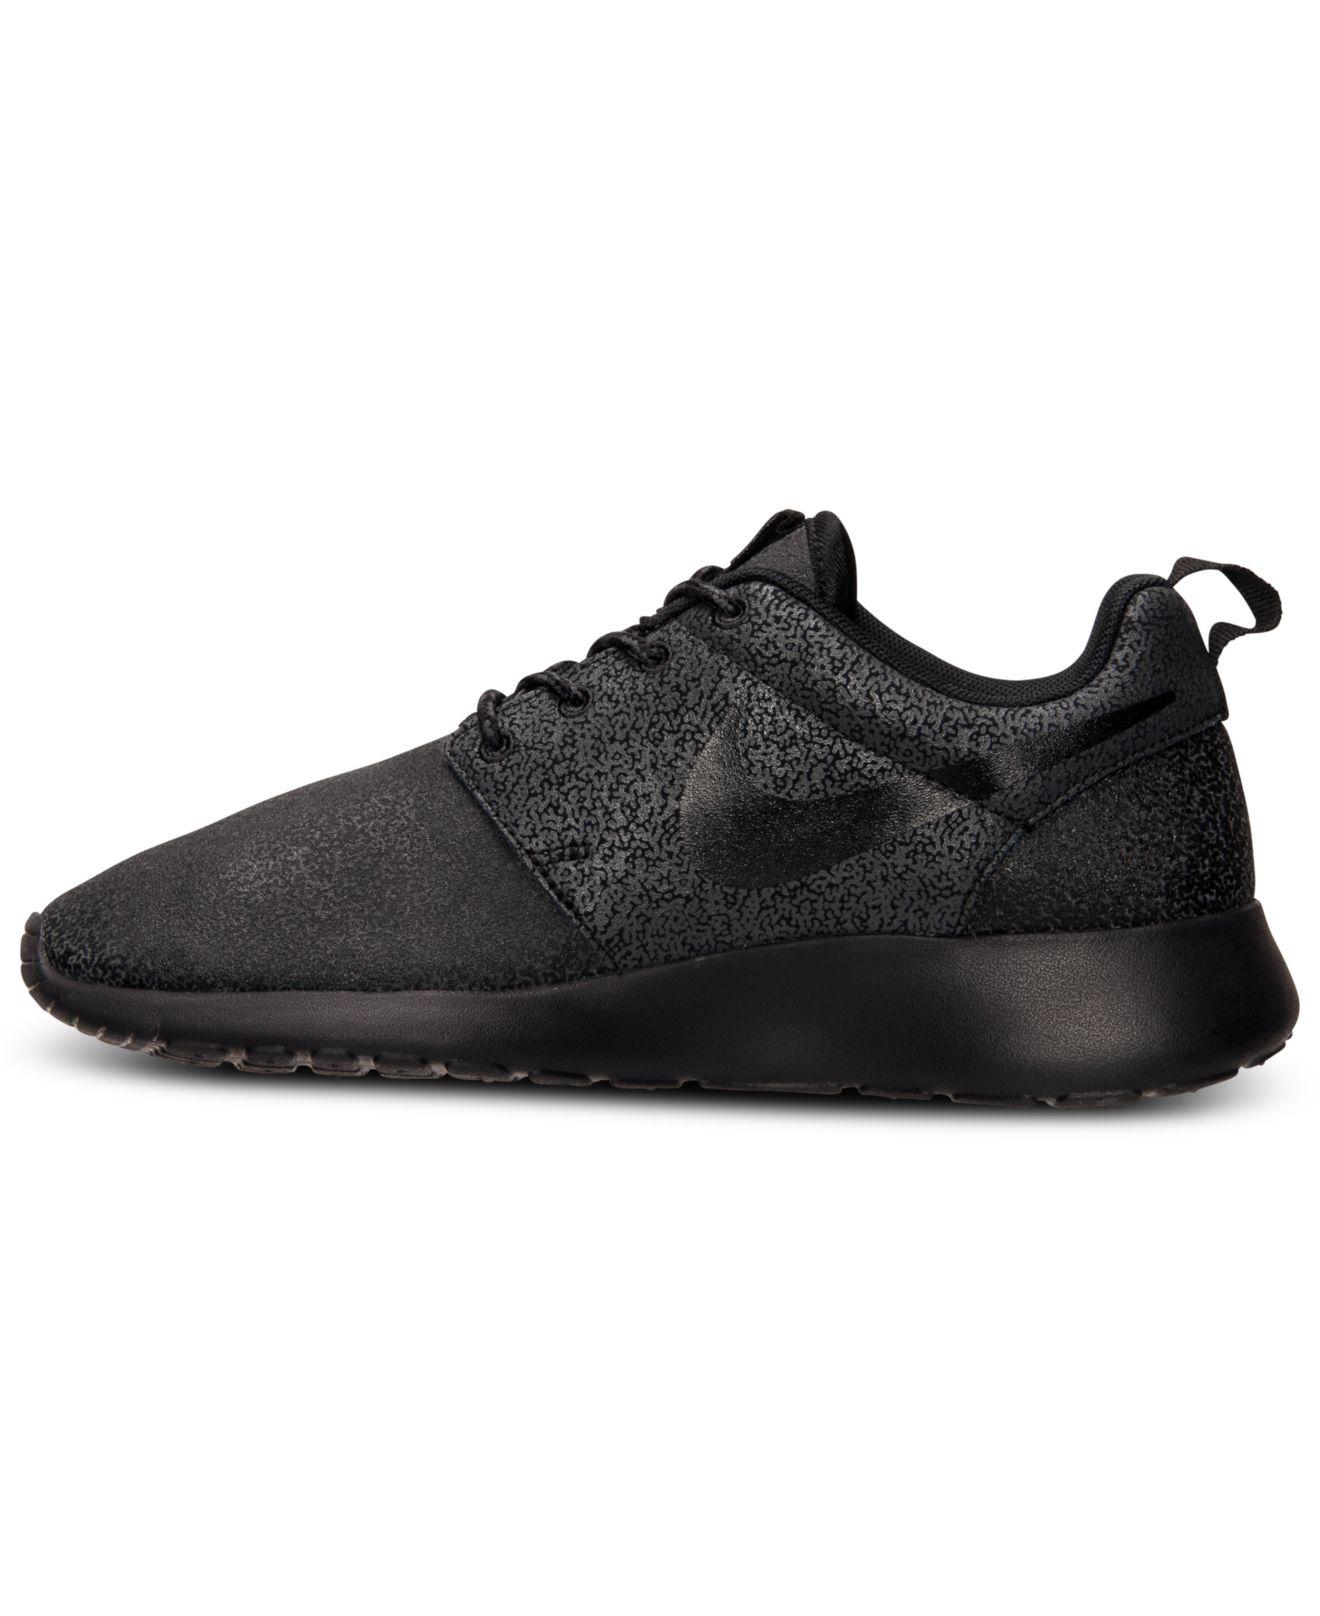 Nike Roshe Run HyperFuse Premium Magista Review + On Feet